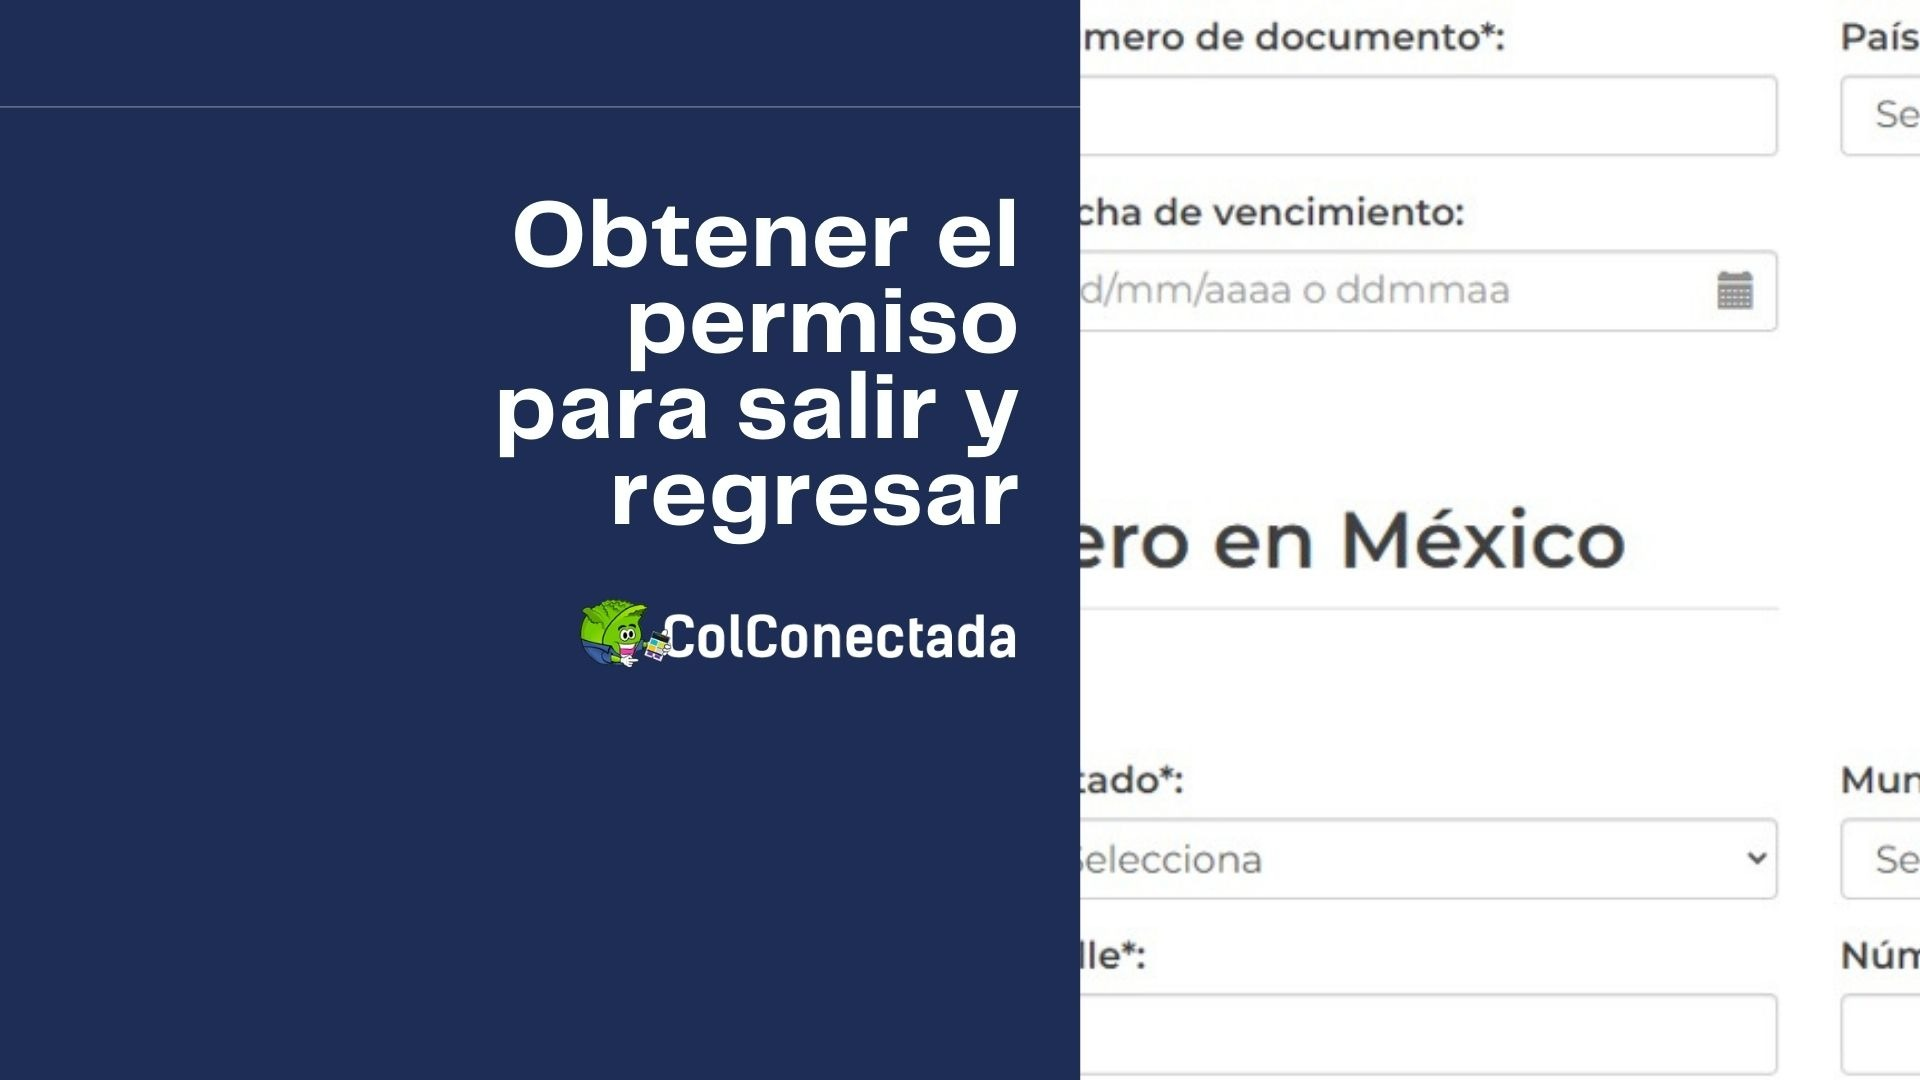 Cómo obtener el permiso para salir y regresar a México 2